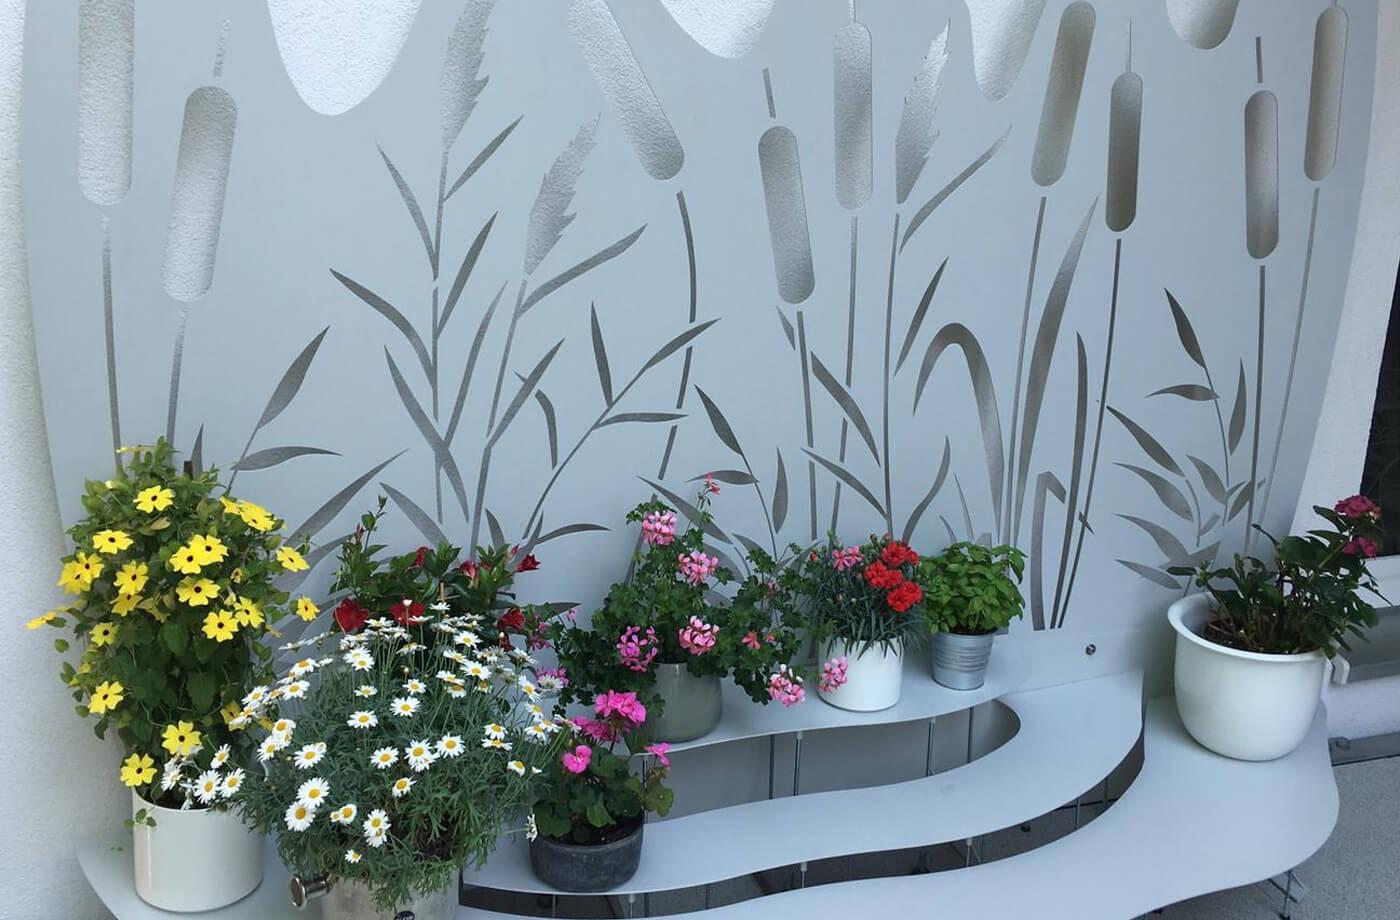 Blumenbank mit Motivrückwand